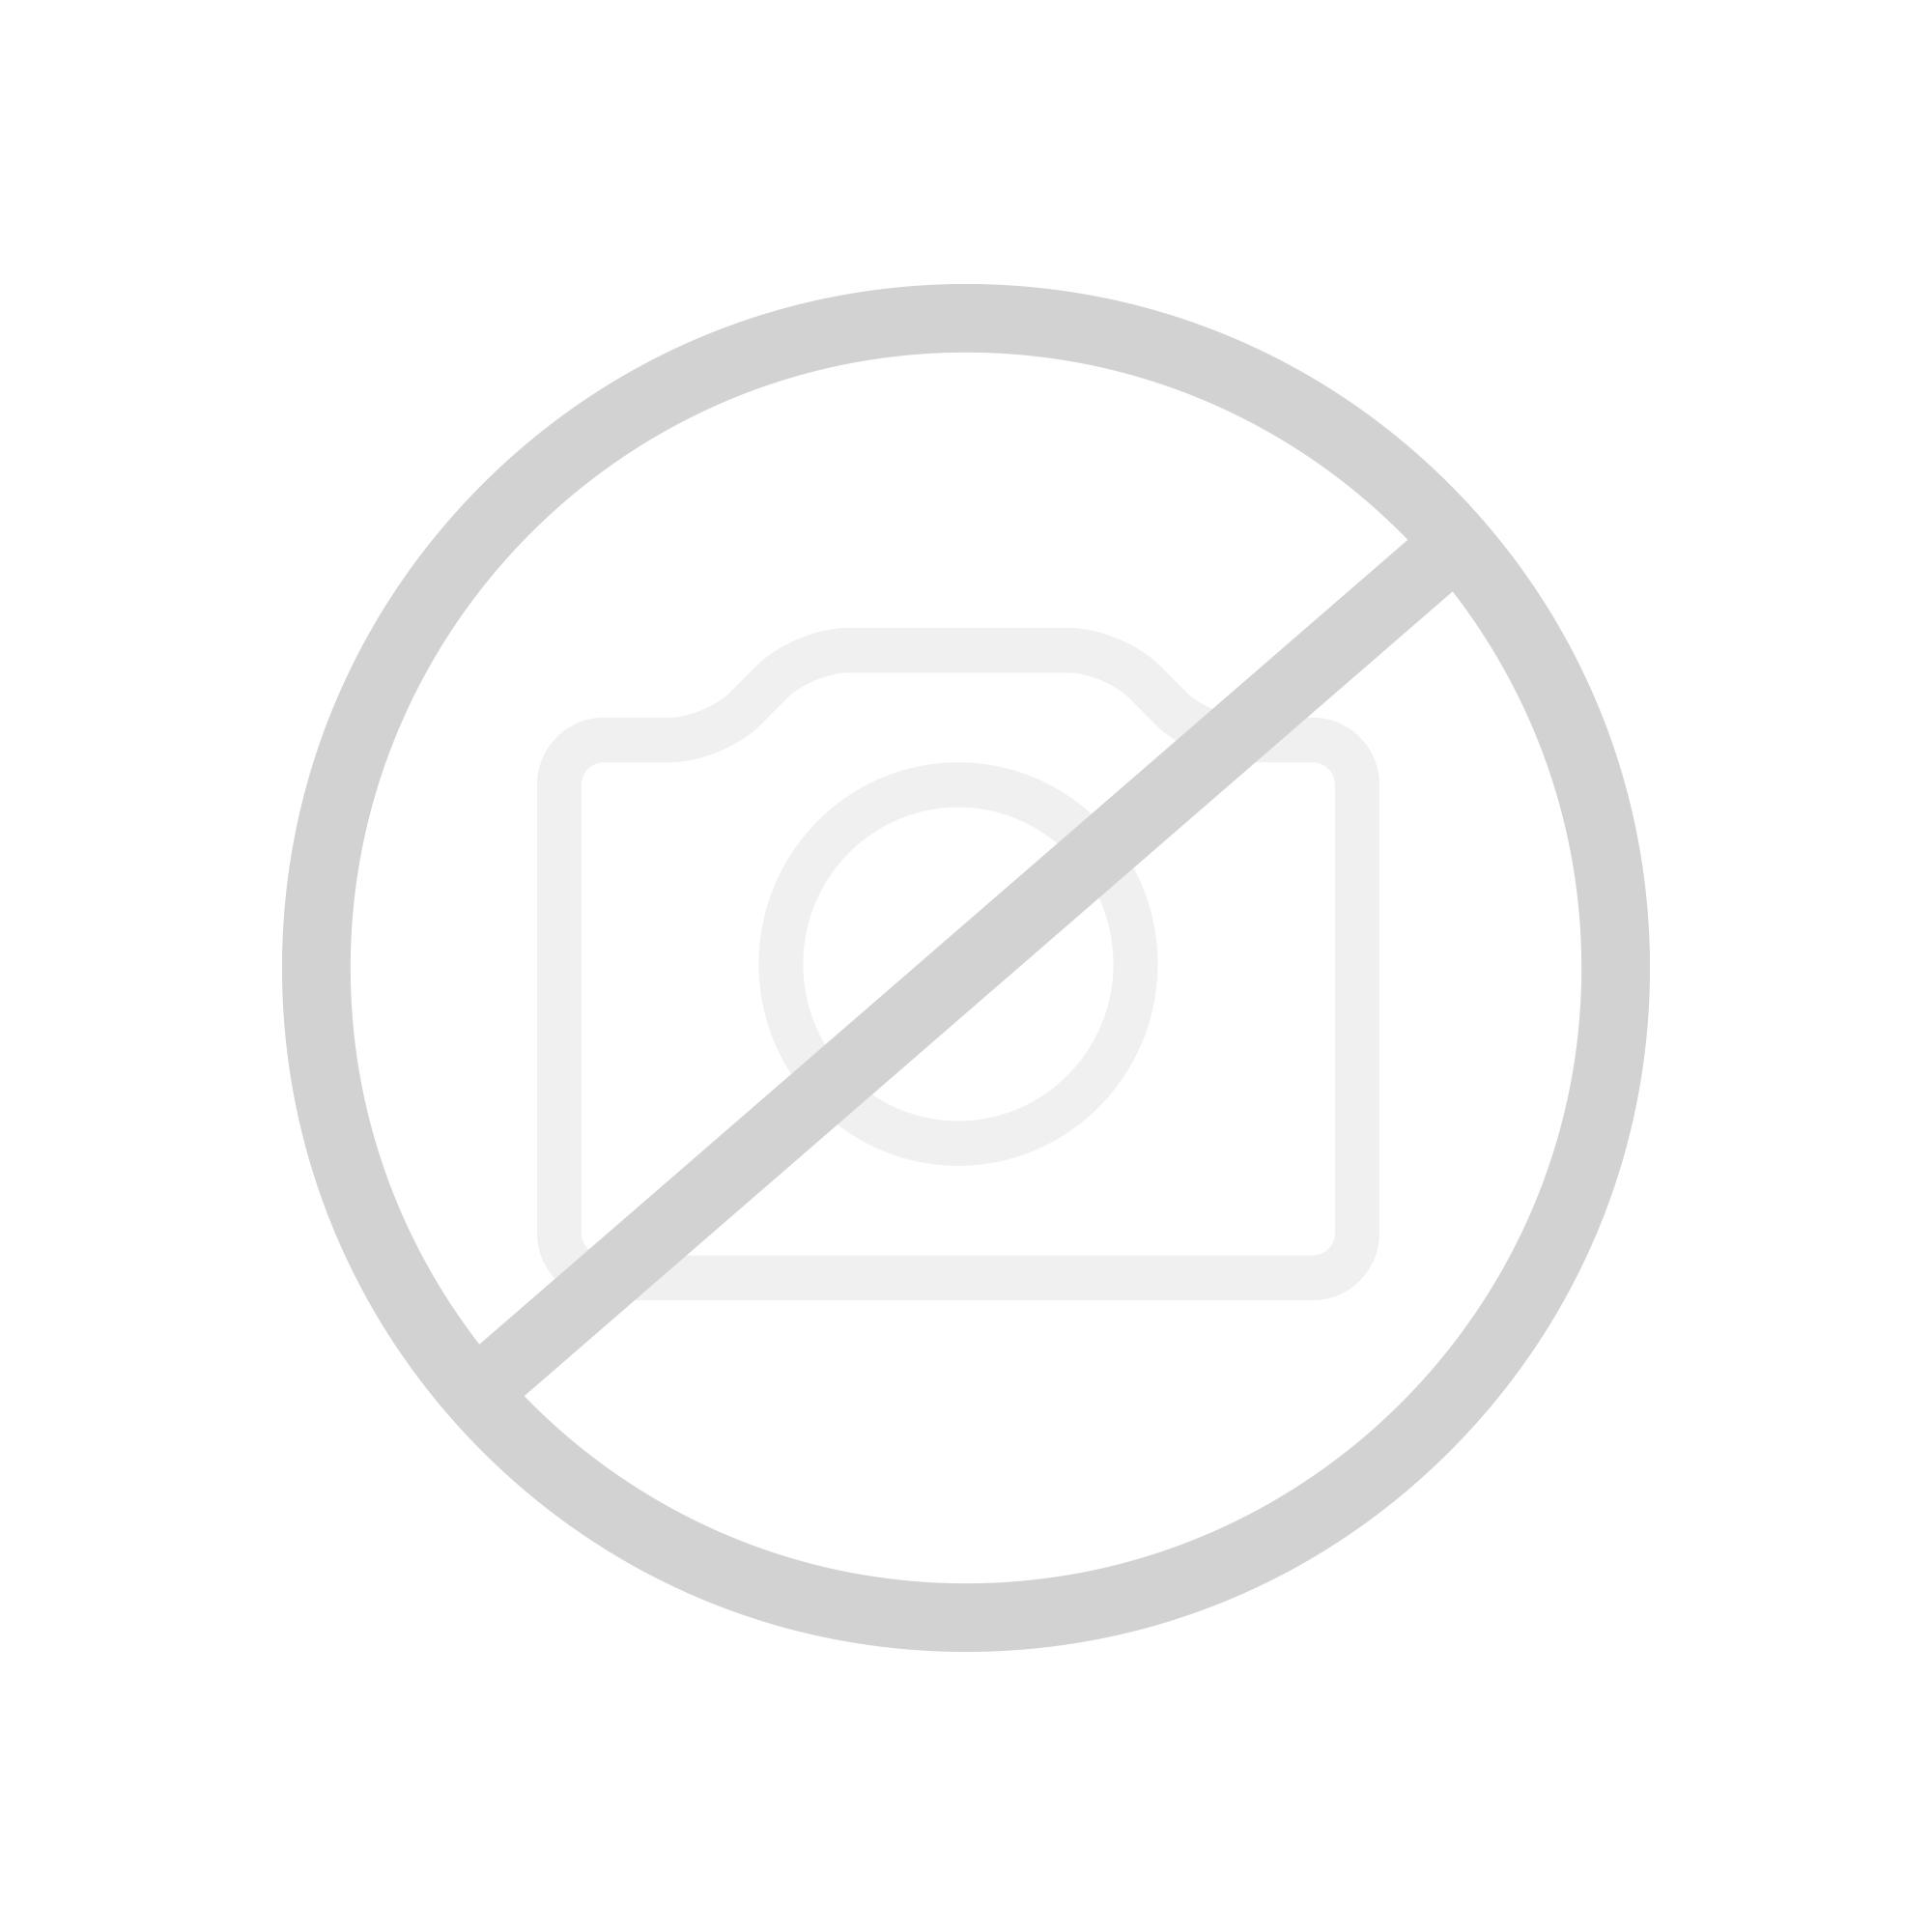 Victoria + Albert Napoli 57 Aufsatzwaschtisch weiß